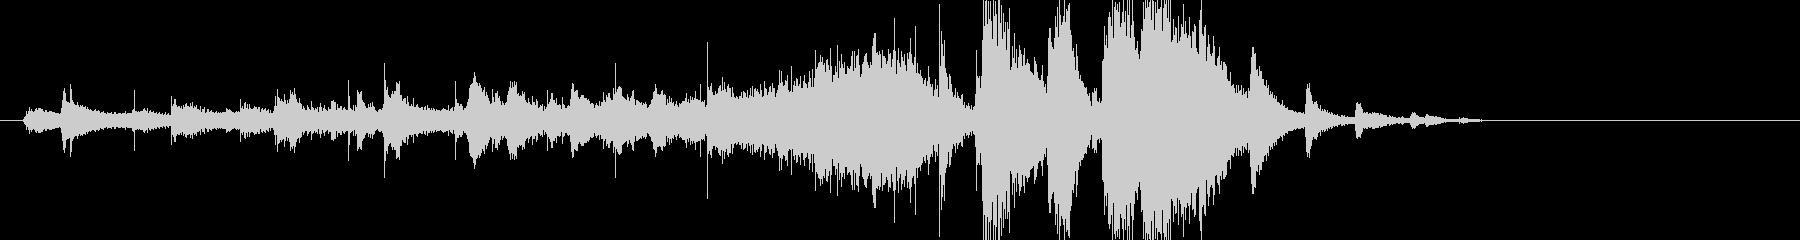 音楽ロゴ;ピラミッド構造を形成する...の未再生の波形